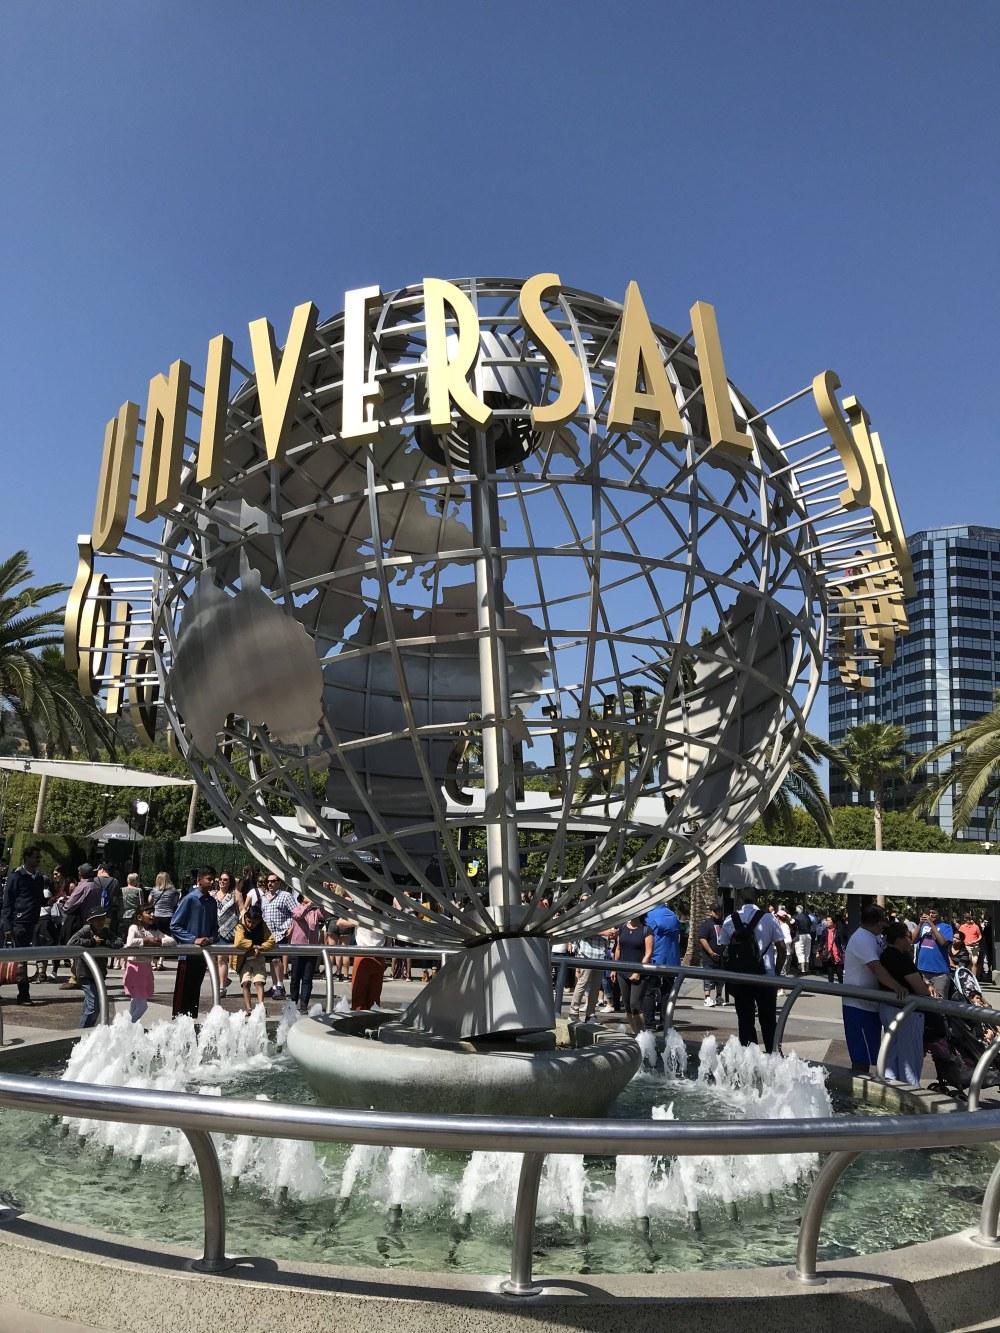 【旅遊攻略】6天5夜洛杉磯旅遊:DAY 2 - 環球影城 : 入場